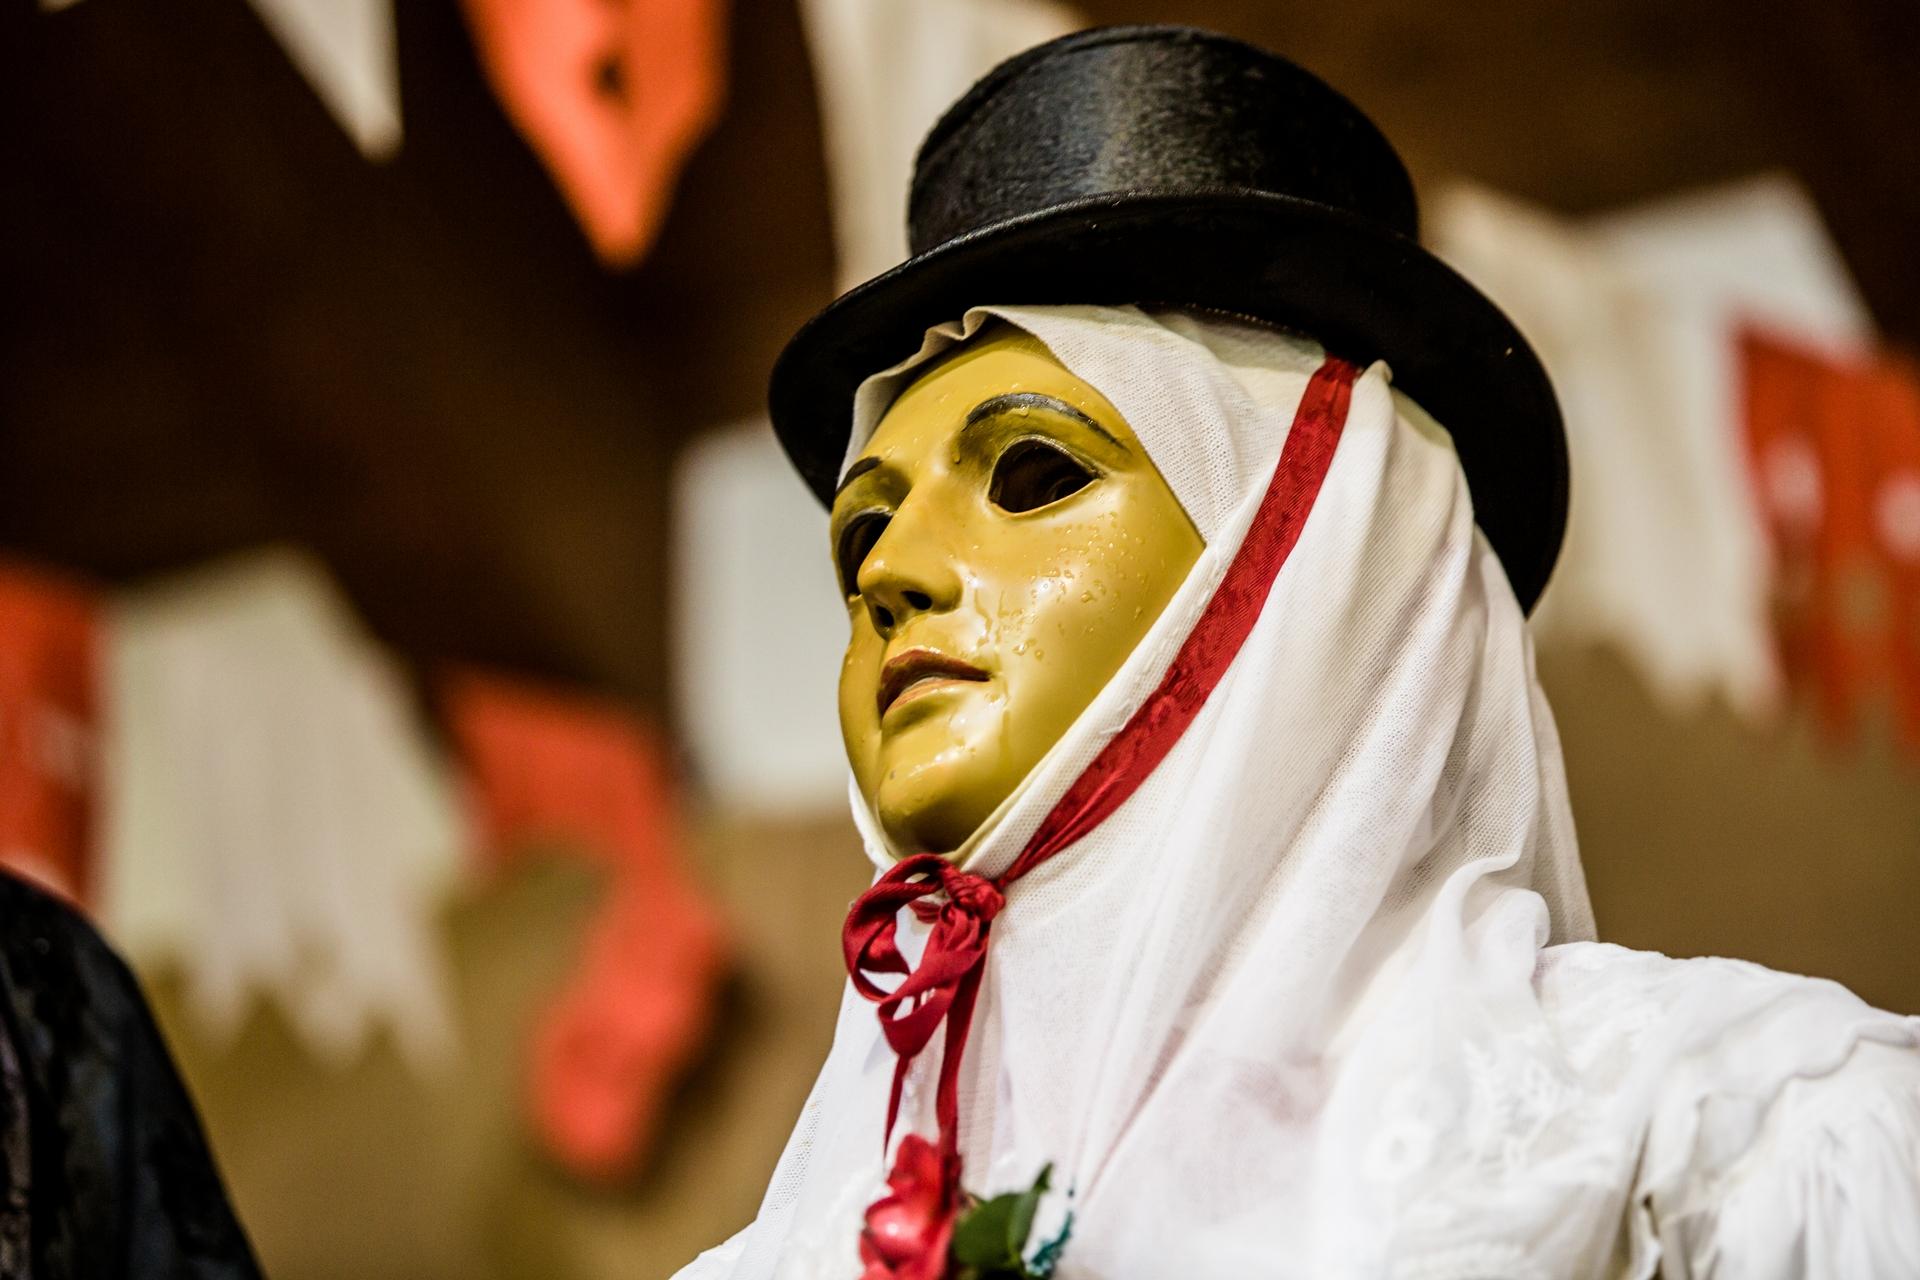 「康波里多利」的一天結束了 - 薩爾提里亞節結束時,我幫「康波里多利」拍了這張肖像。當時天空飄著小雨,面具上滑落的水珠猶如榮耀與喜悅的淚水。 PHOTOGRAPH BY MICHELE ARDU